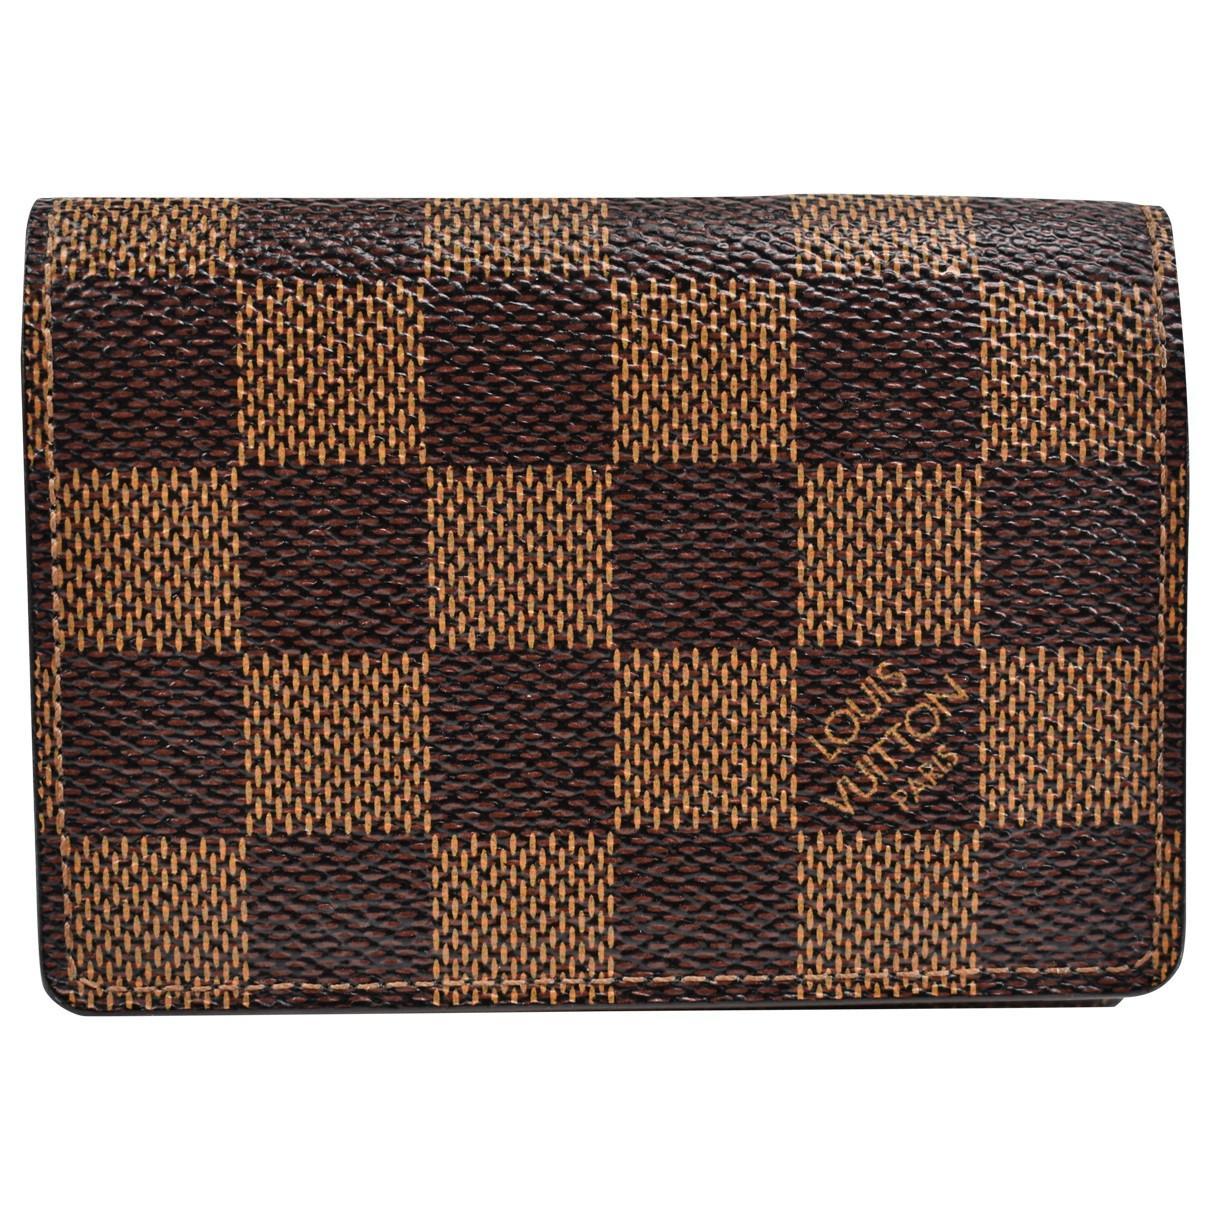 8515b390bb19 Lyst - Portefeuille Marco en cuir Louis Vuitton en coloris Marron